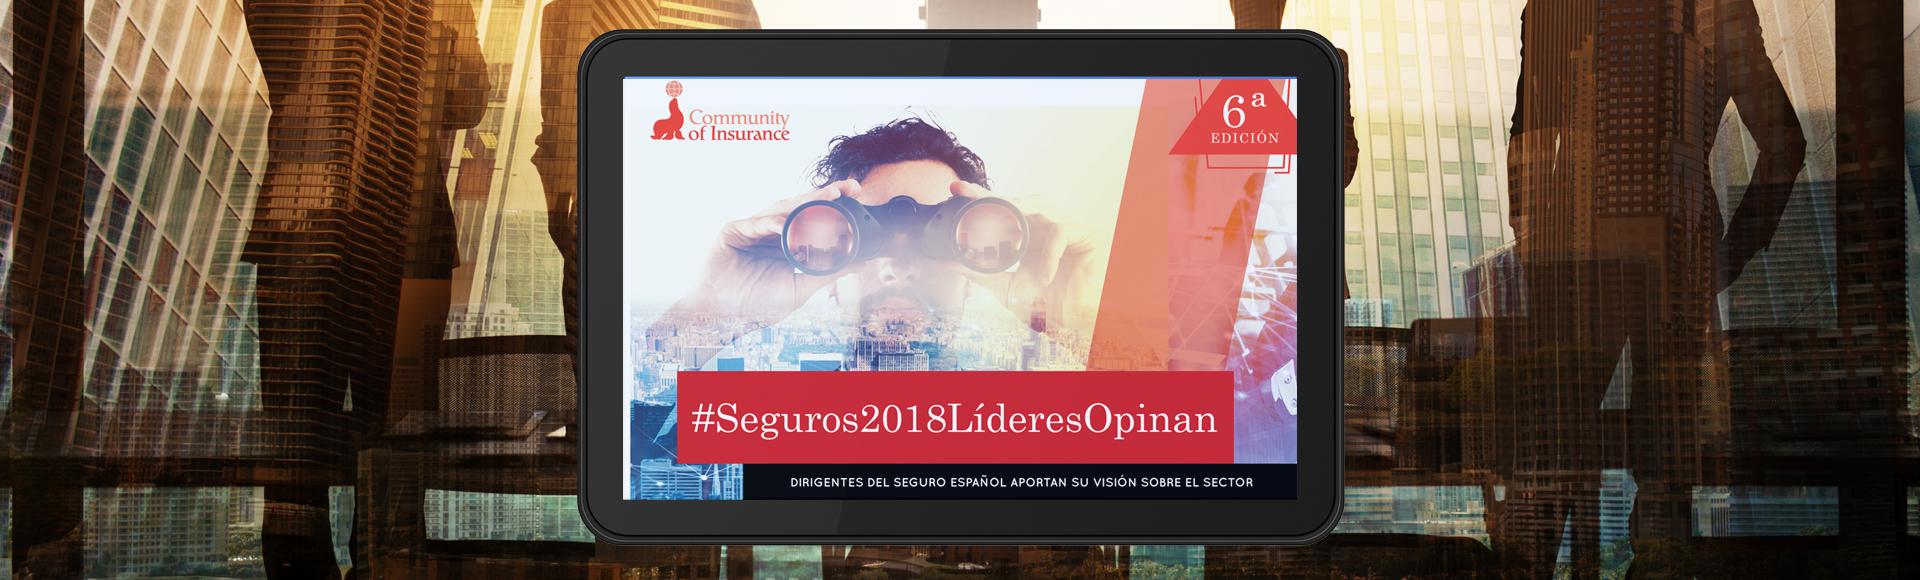 [eBook] Perspectivas del seguro español 2018 #Seguros2018LíderesOpinan